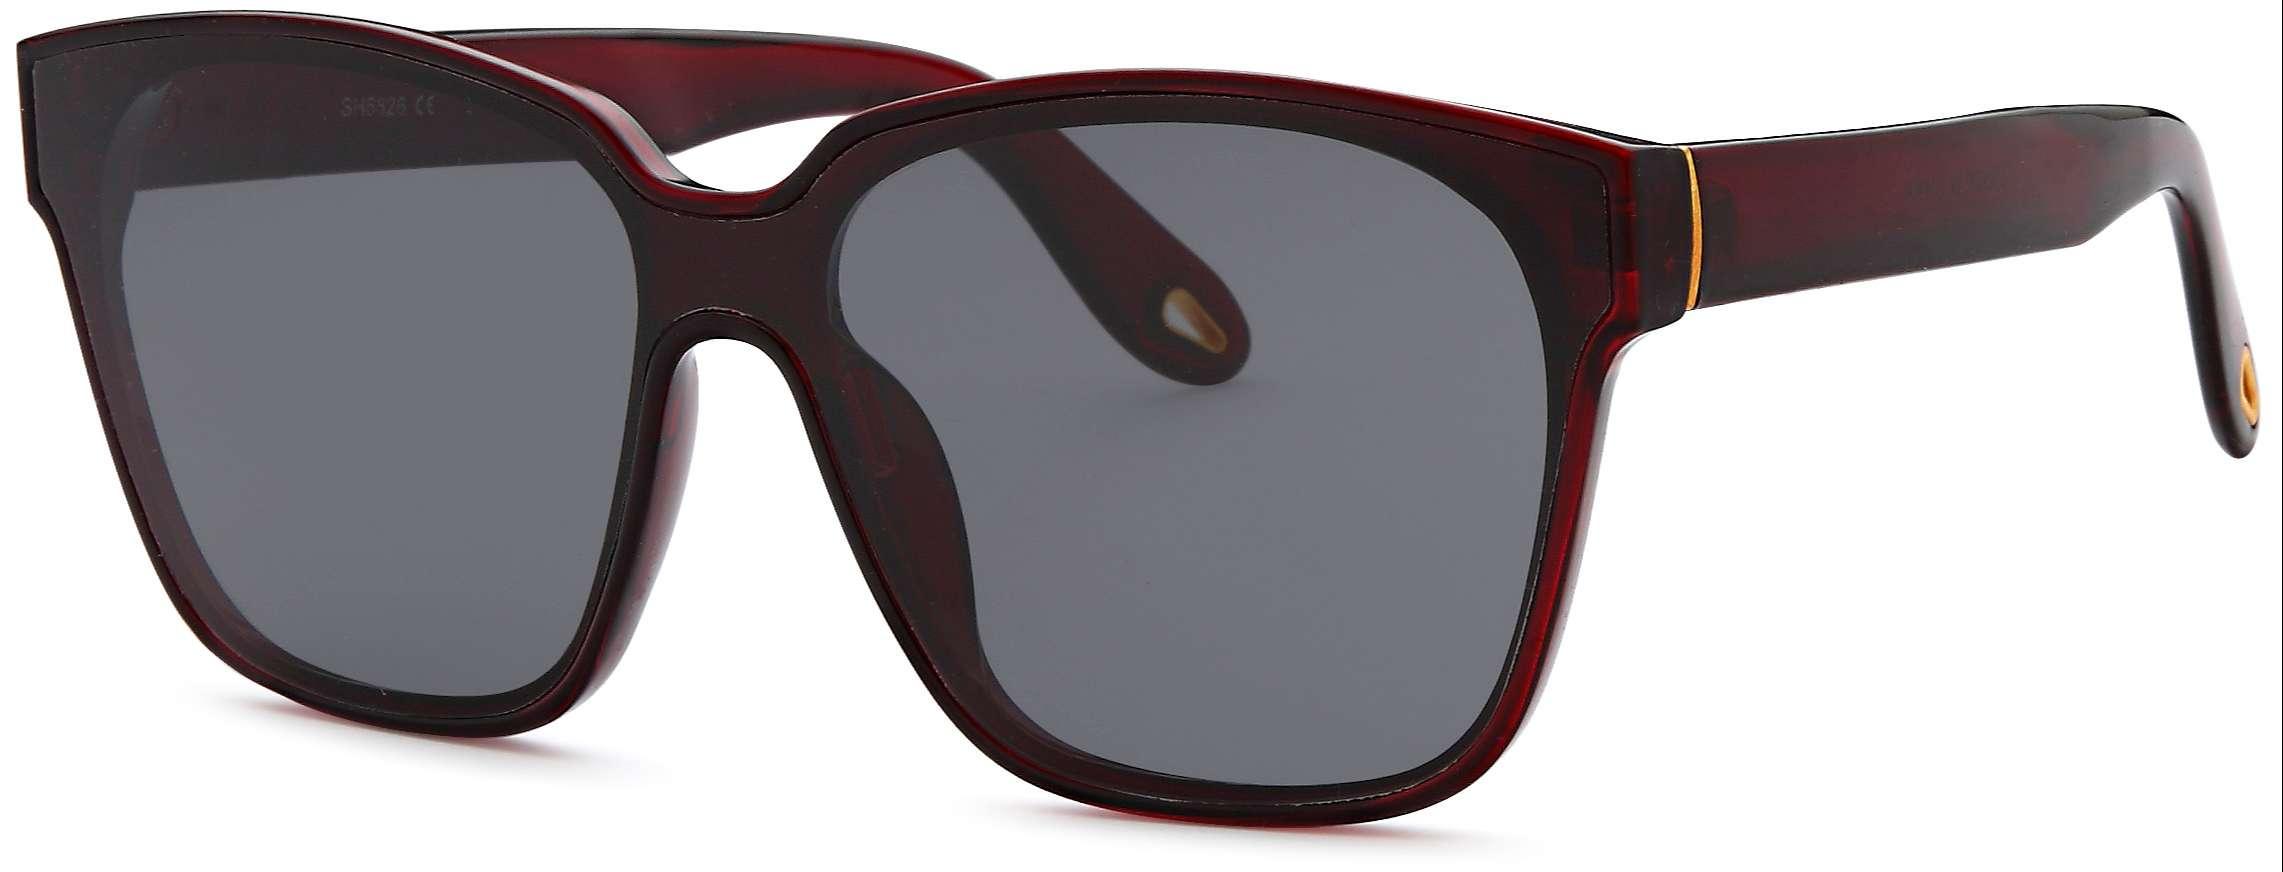 Maroon sunglasses